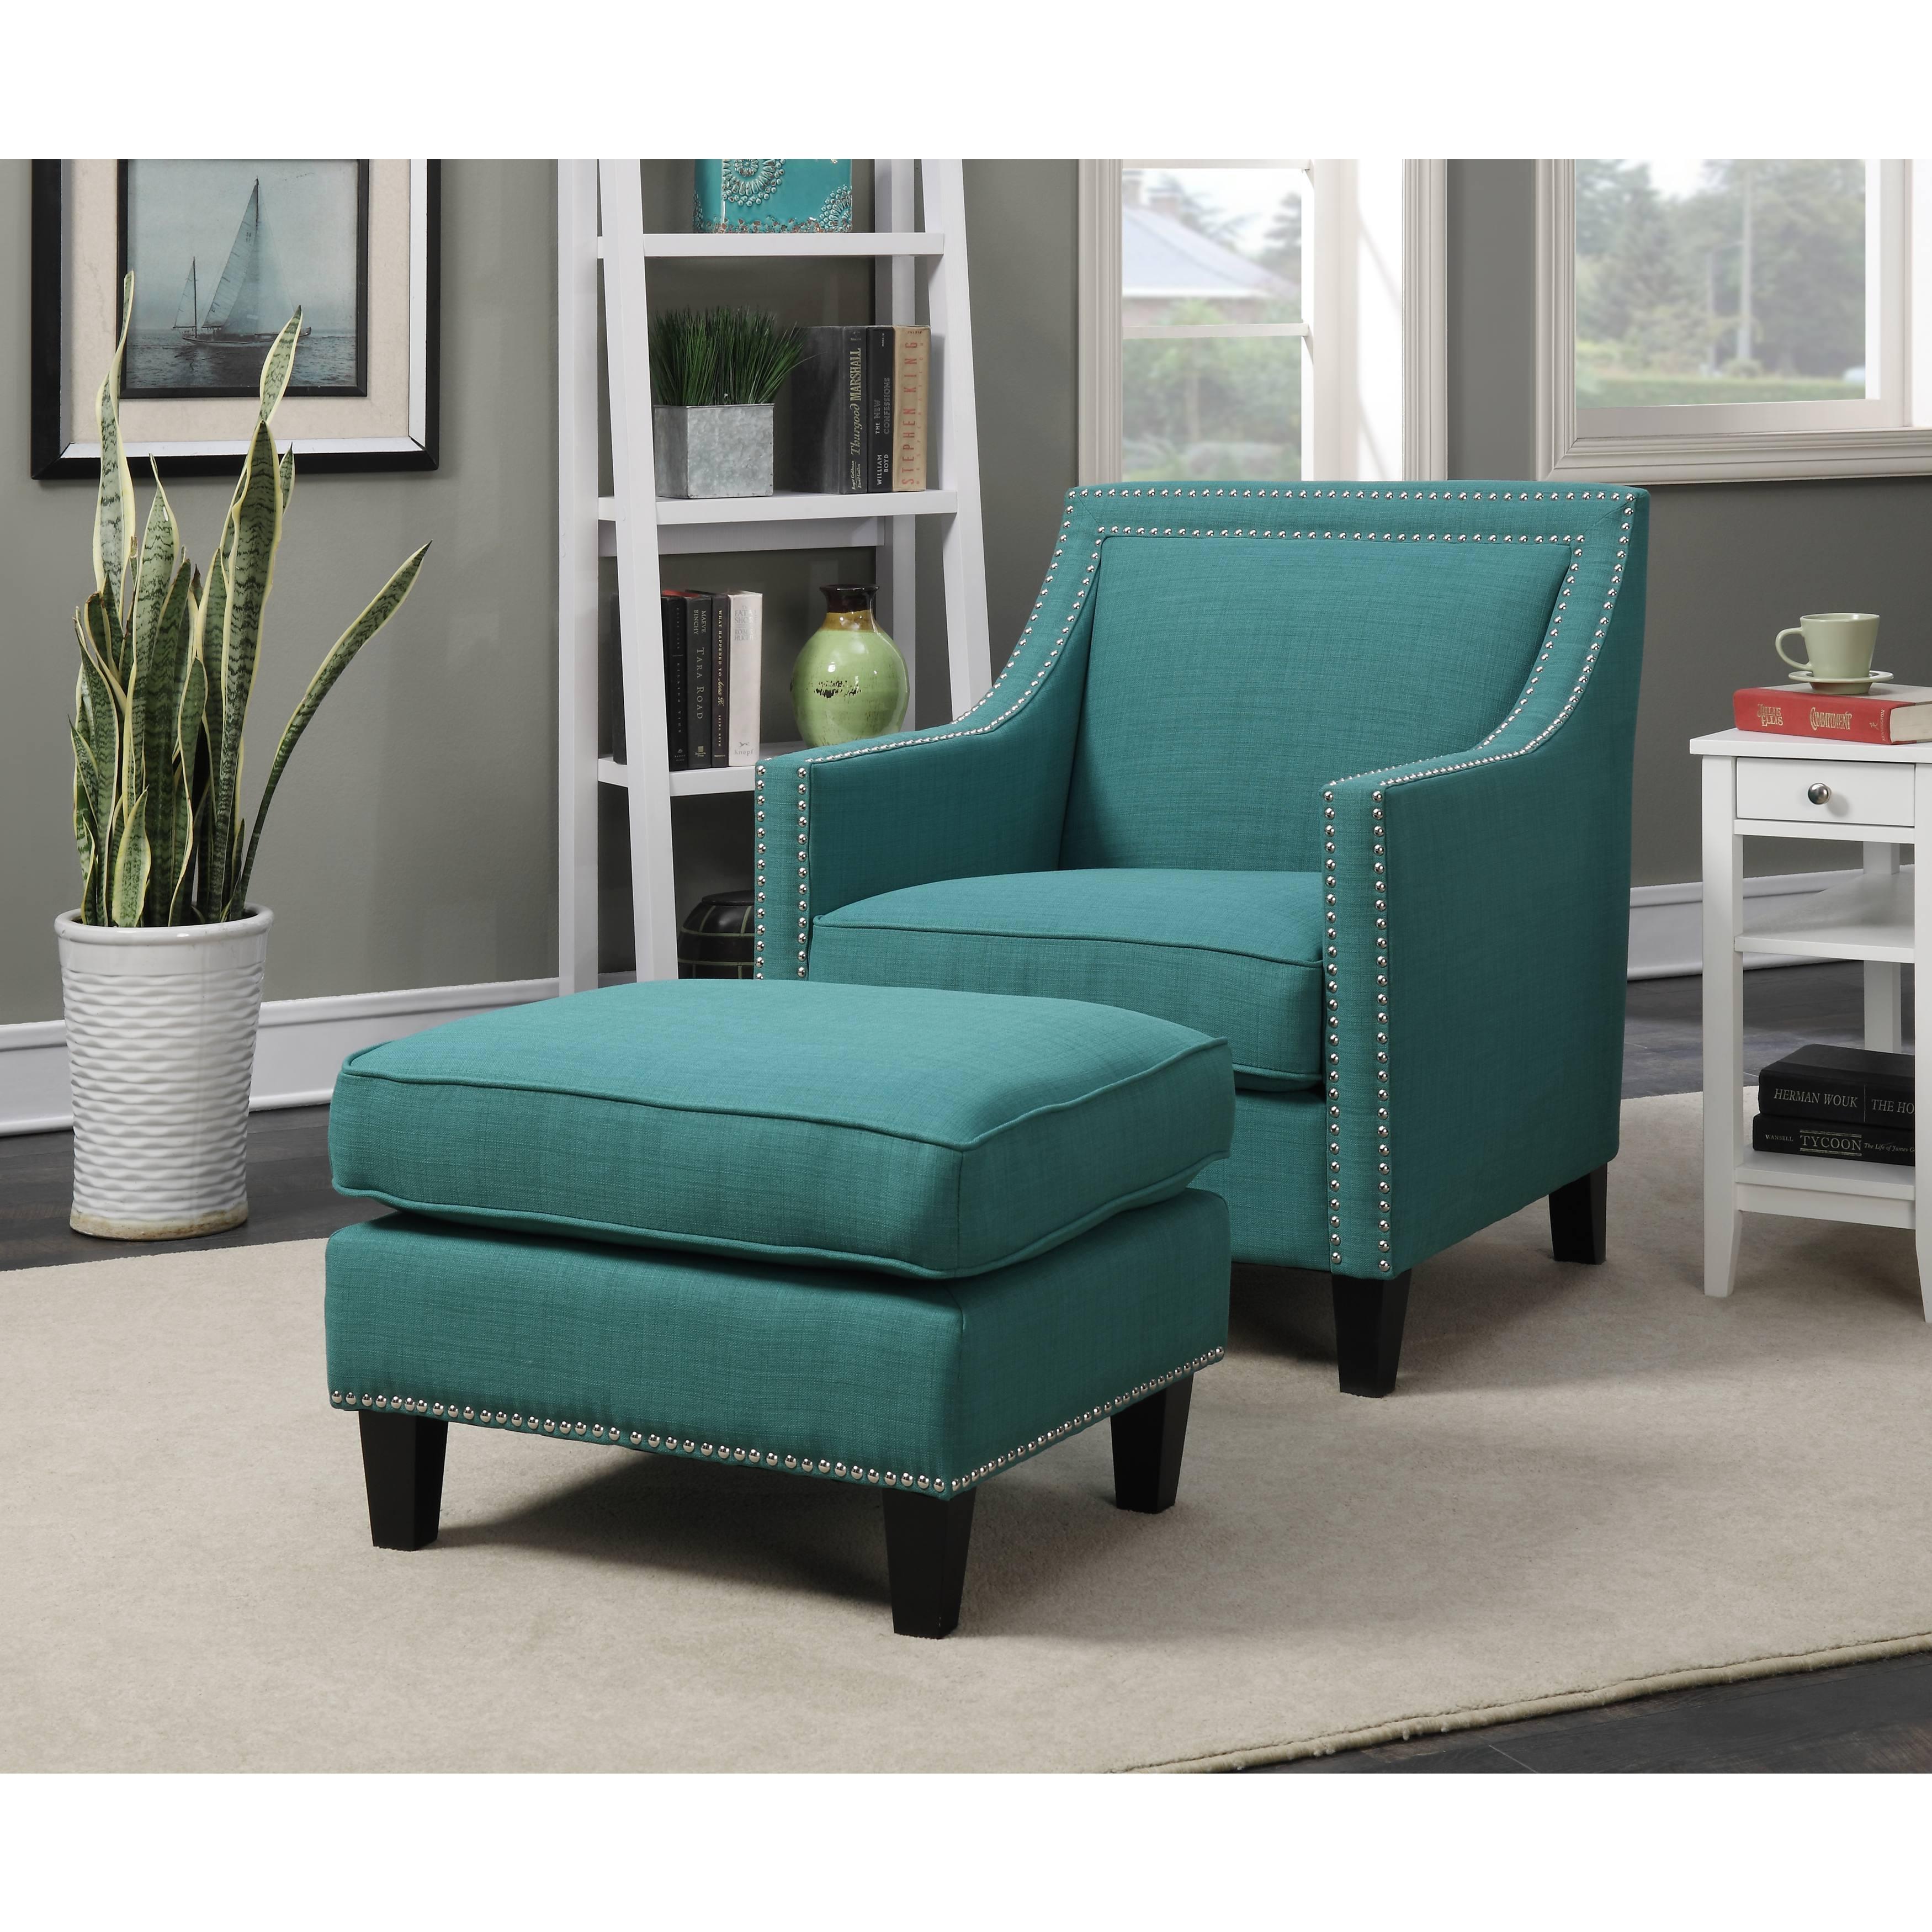 separation shoes d8c17 05d54 Chair & Ottoman Sets, Blue Living Room Chairs | Shop Online ...